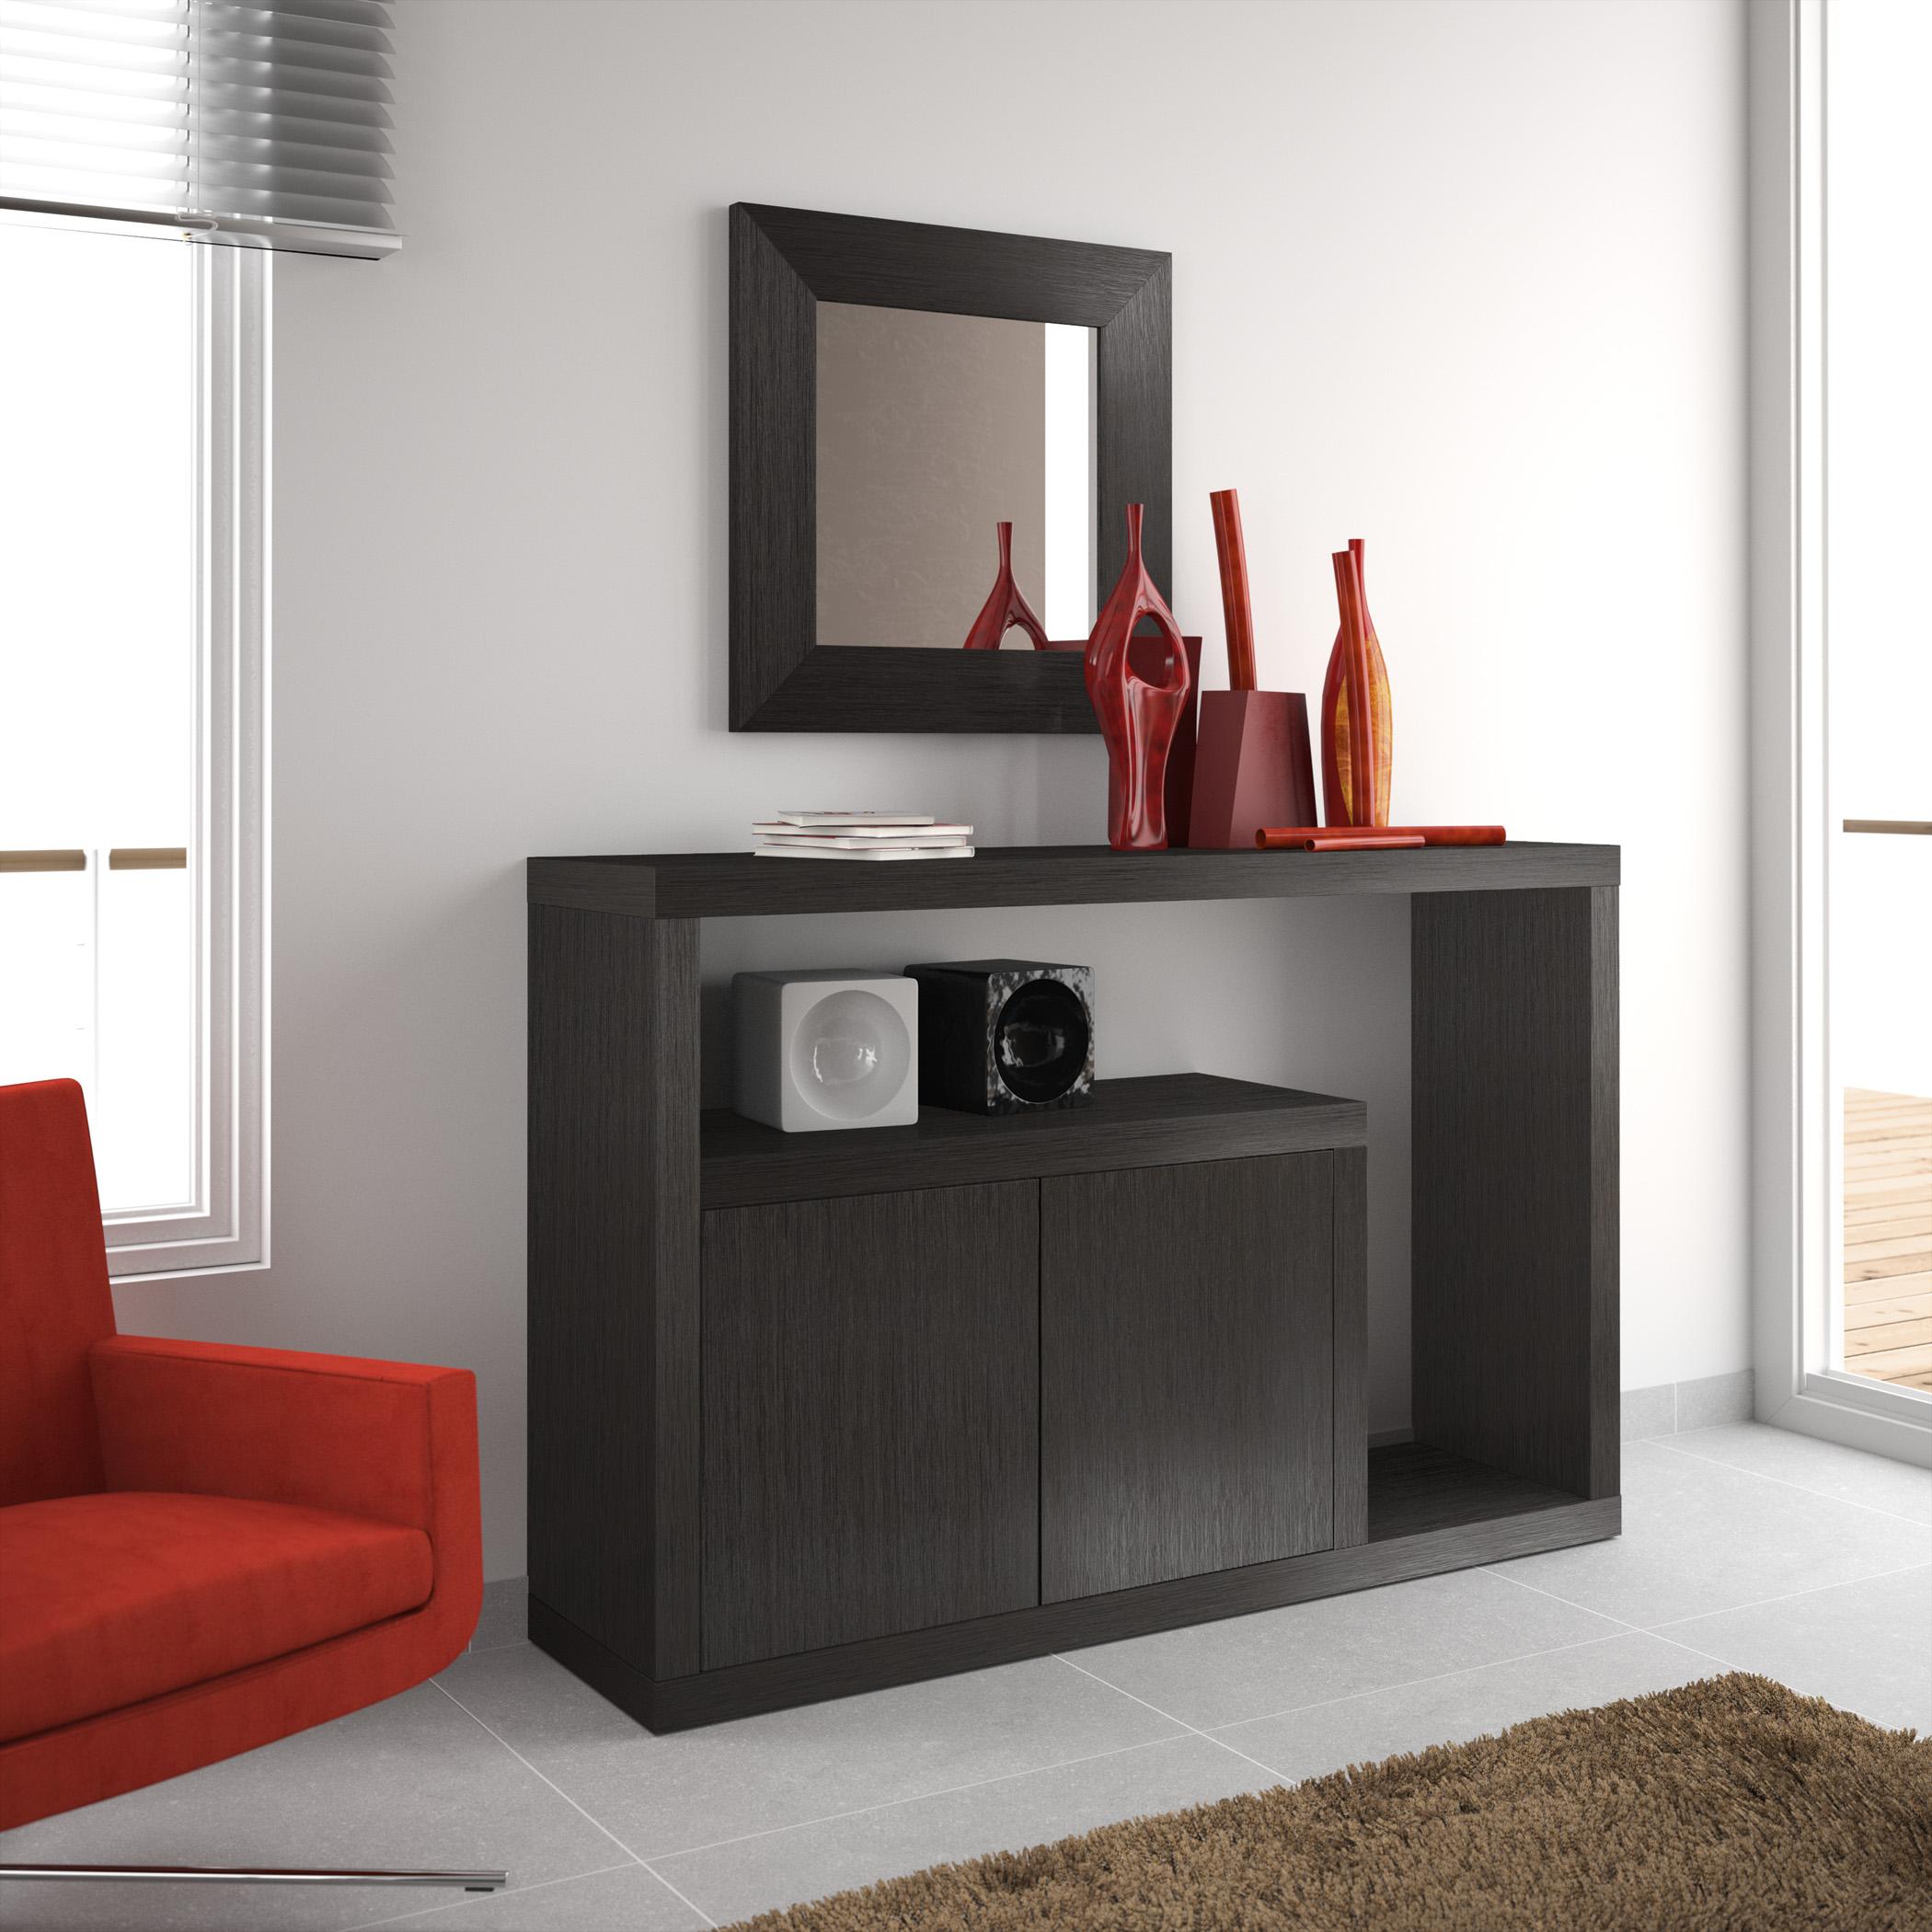 autres meubles. ? moblinea - Petit Meuble Entree Design